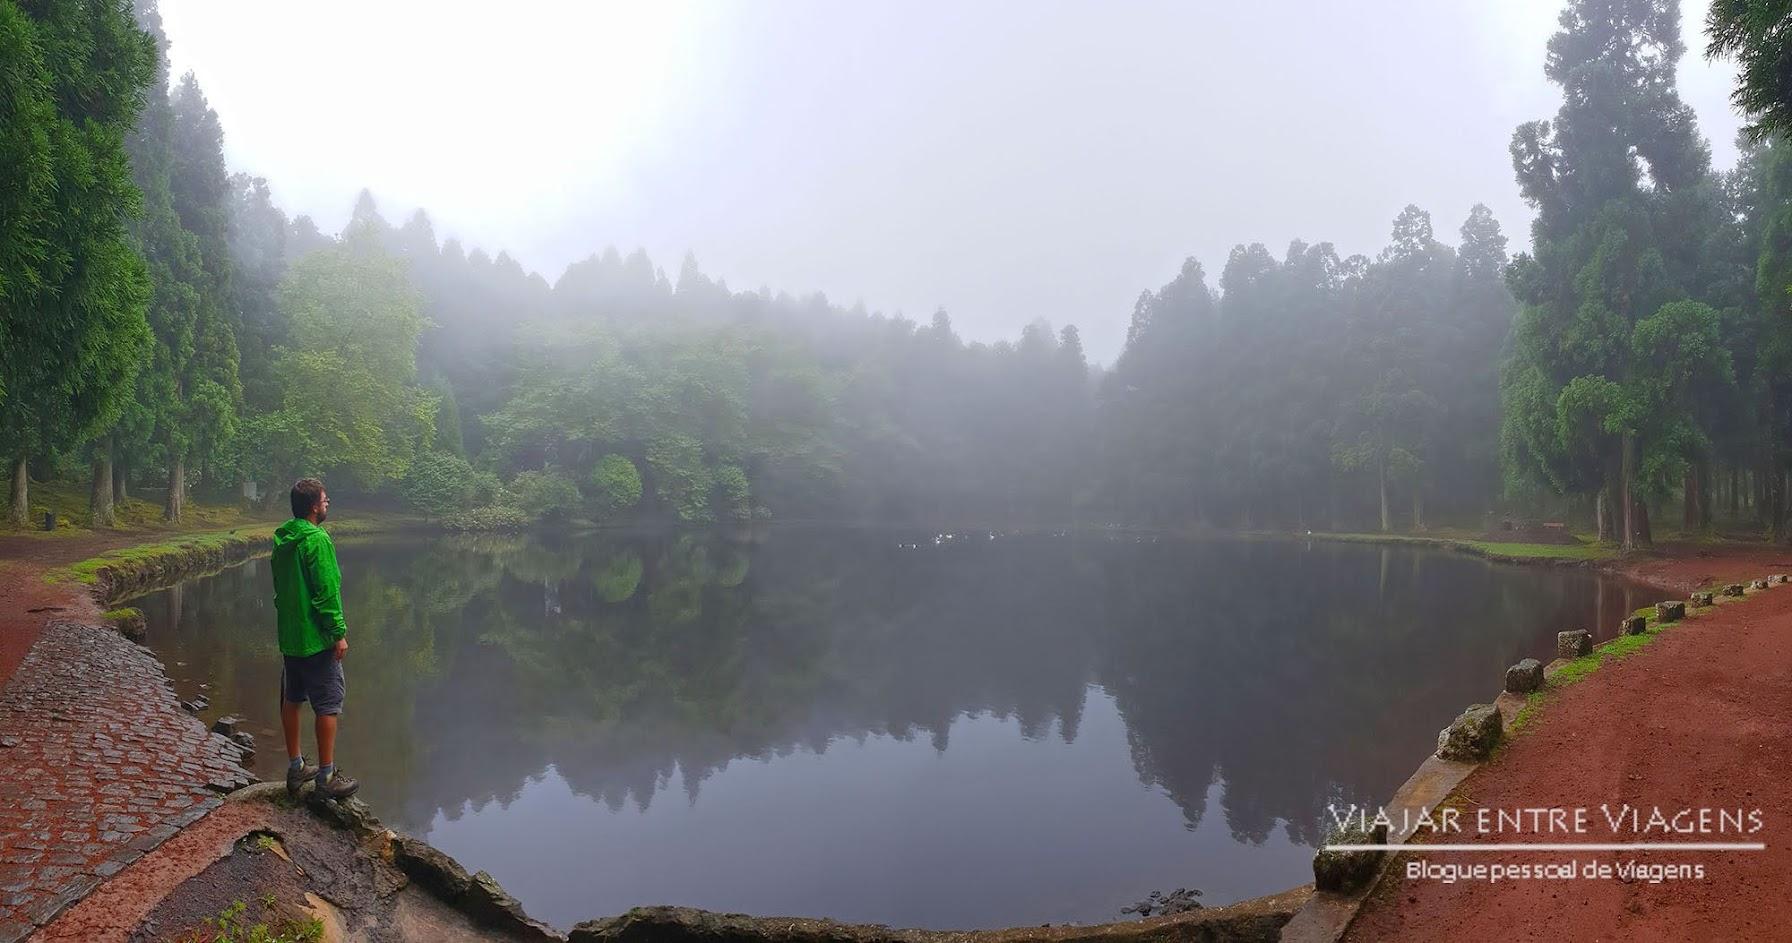 Visitar a Lagoa das Patas